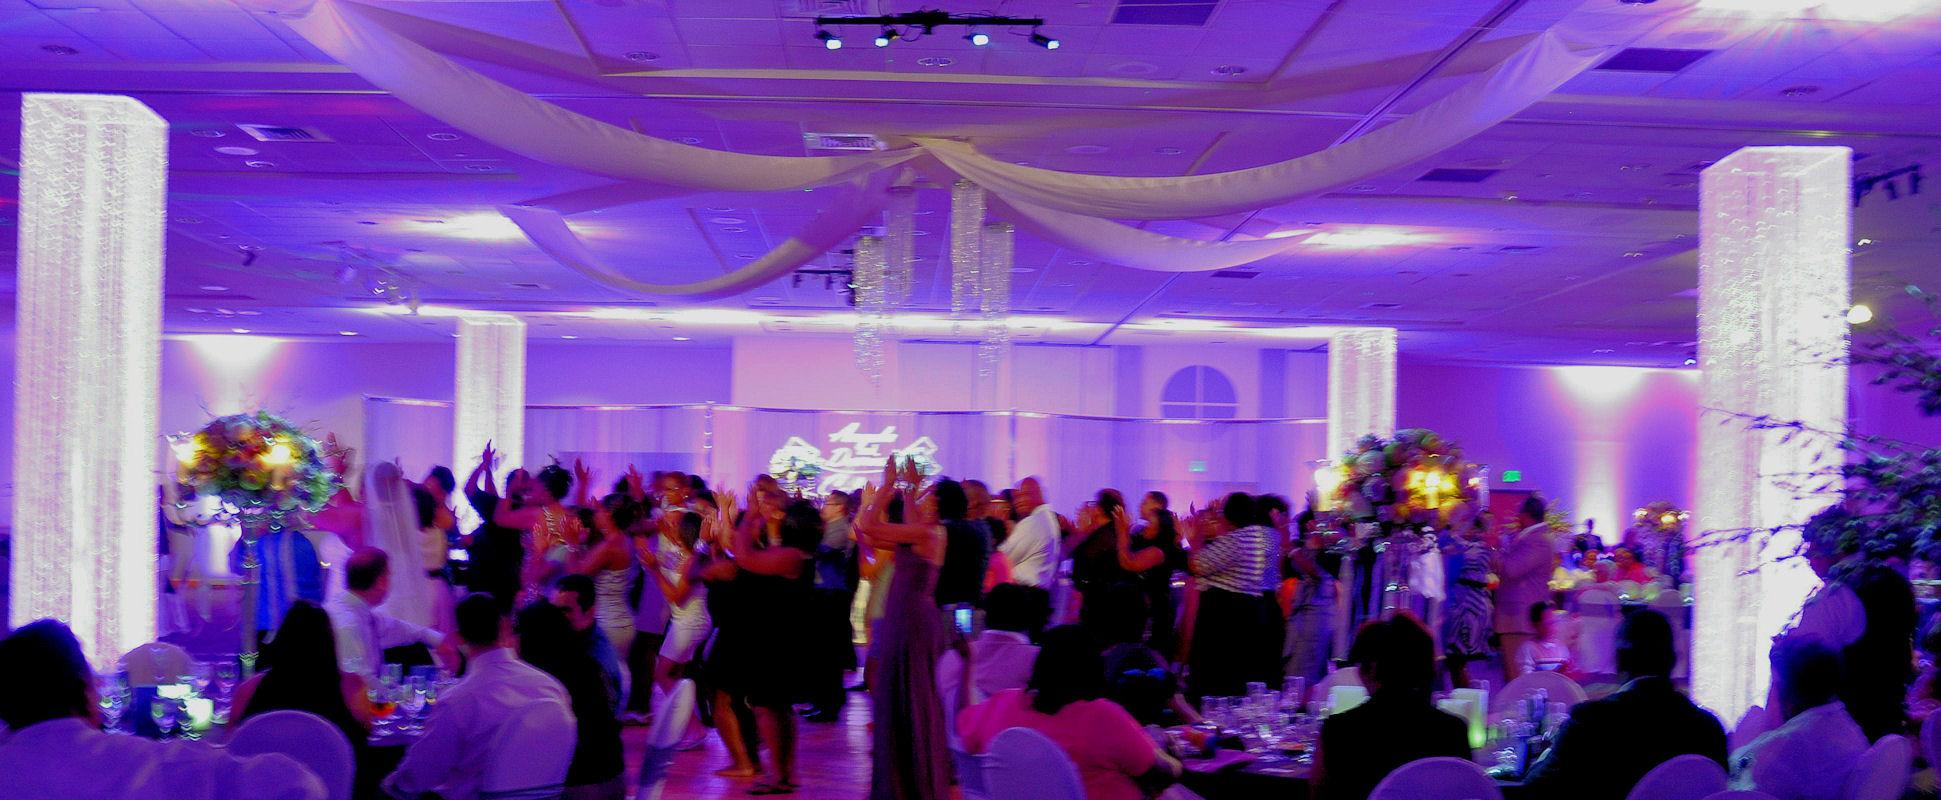 Dance Floor .jpg